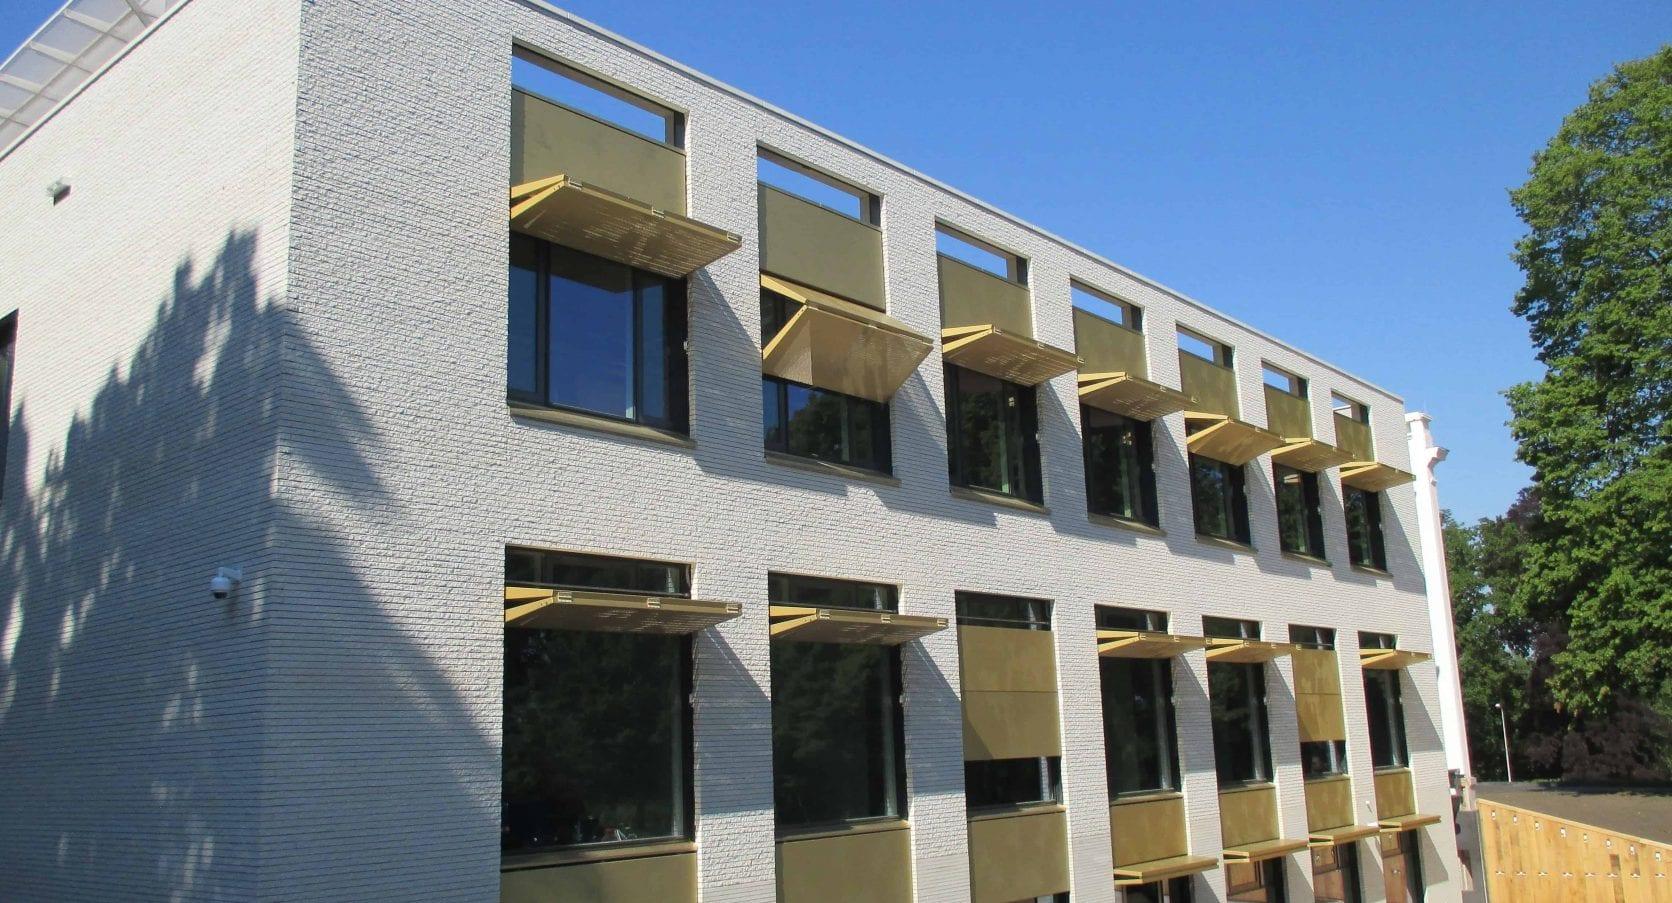 Zijkant van het Gemeentehuis in Bloemendaal met uitzicht op de automatische en zonwerende luiken in goudkleur